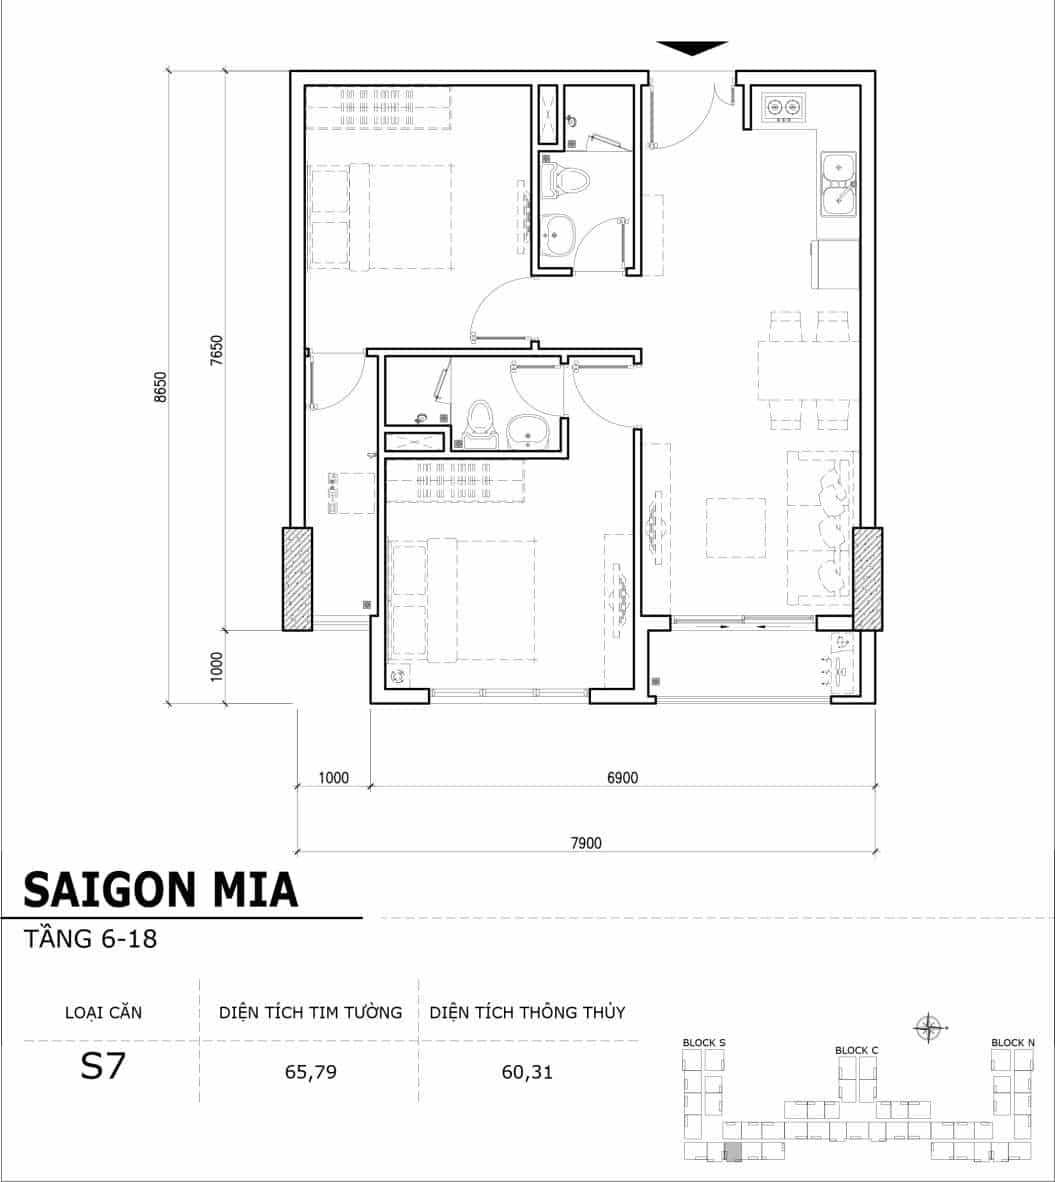 Chi tiết thiết kế căn hộ điển hình tầng 6-18 dự án Sài Gòn Mia - Căn S7